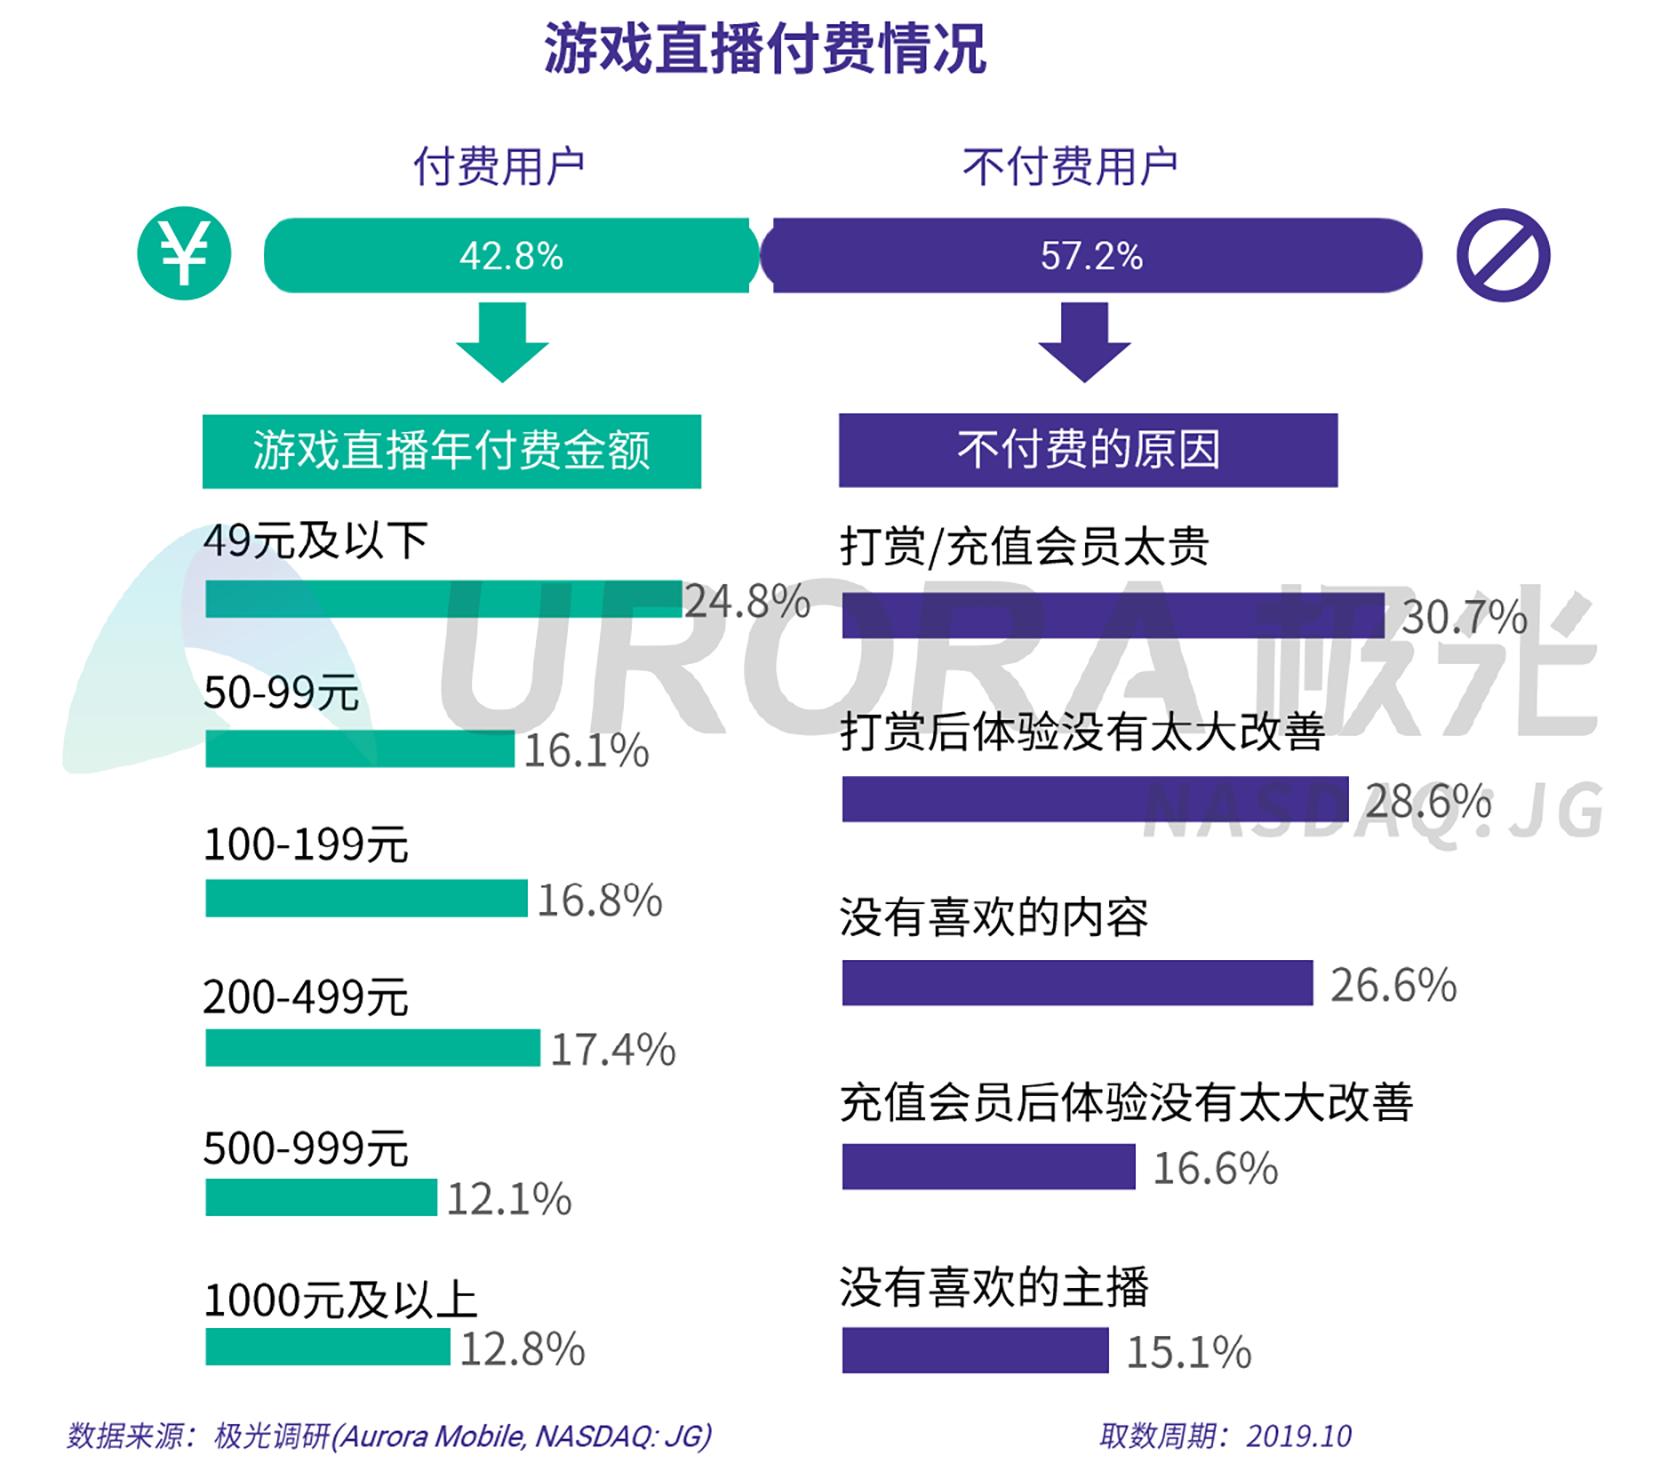 2019年手机游戏研究报告V5-35.png